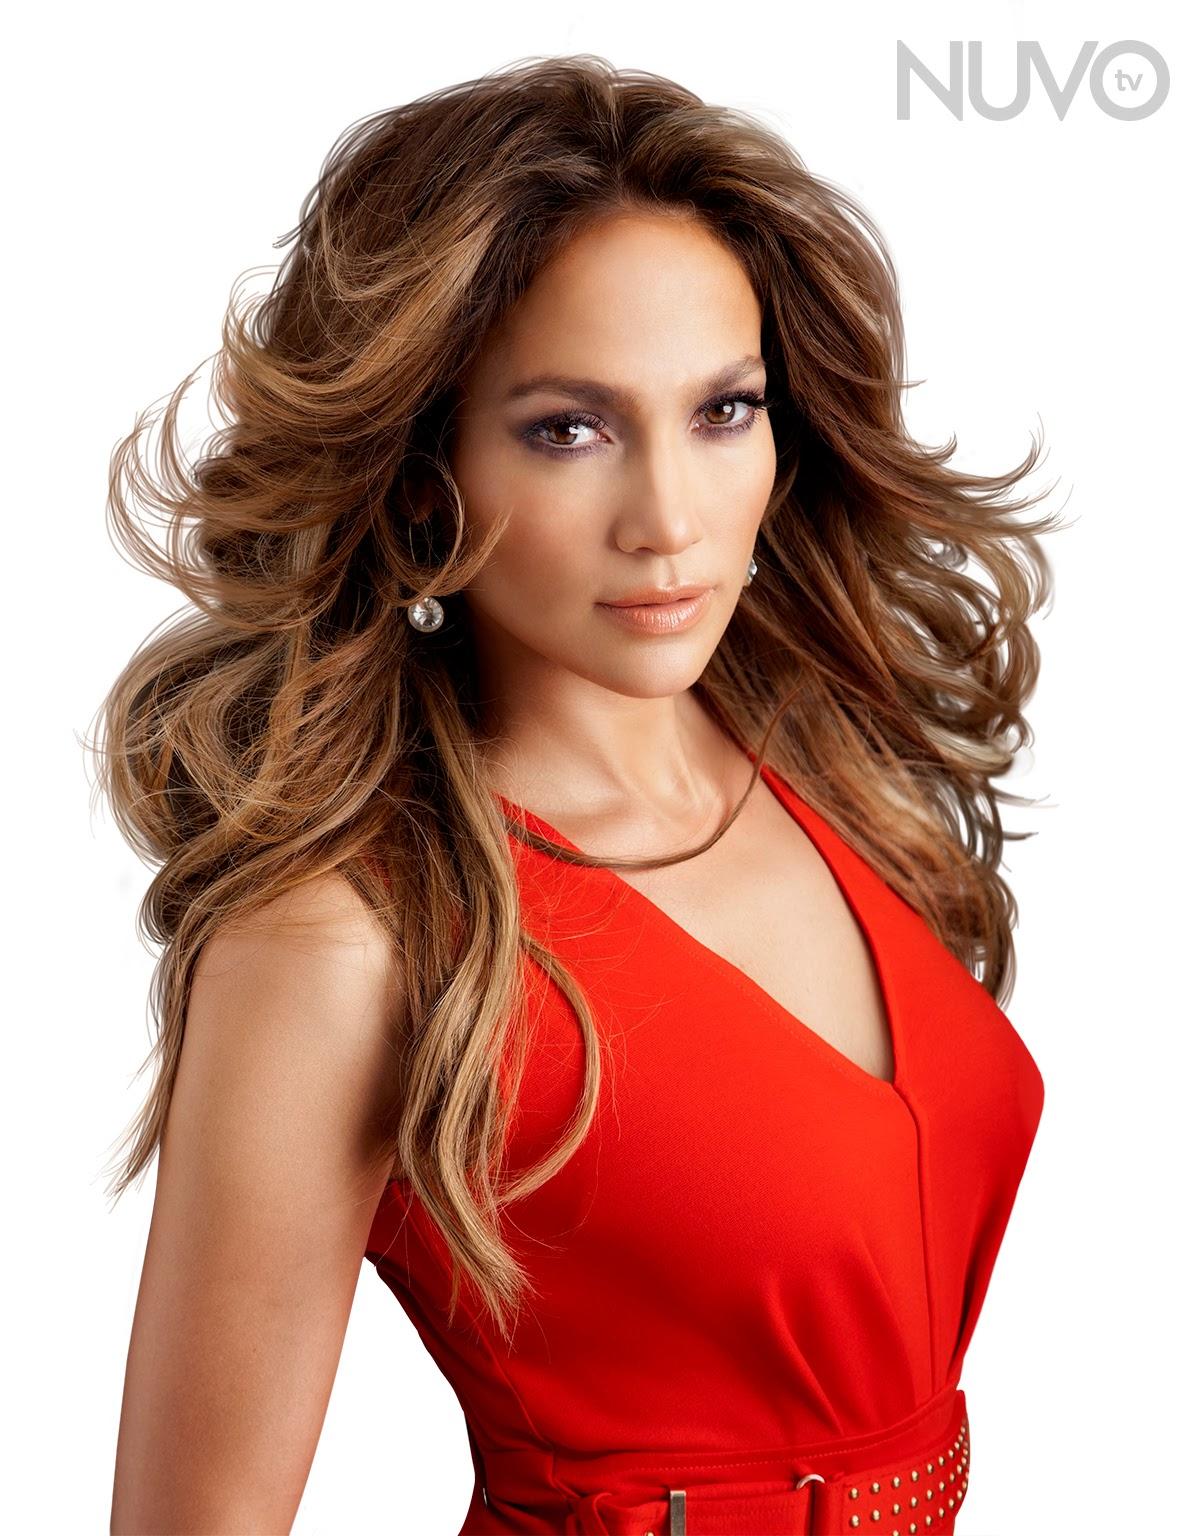 Jennifer Lopez Fan Site: Jennifer Lopez - Top10 stylish photos Jennifer Lopez